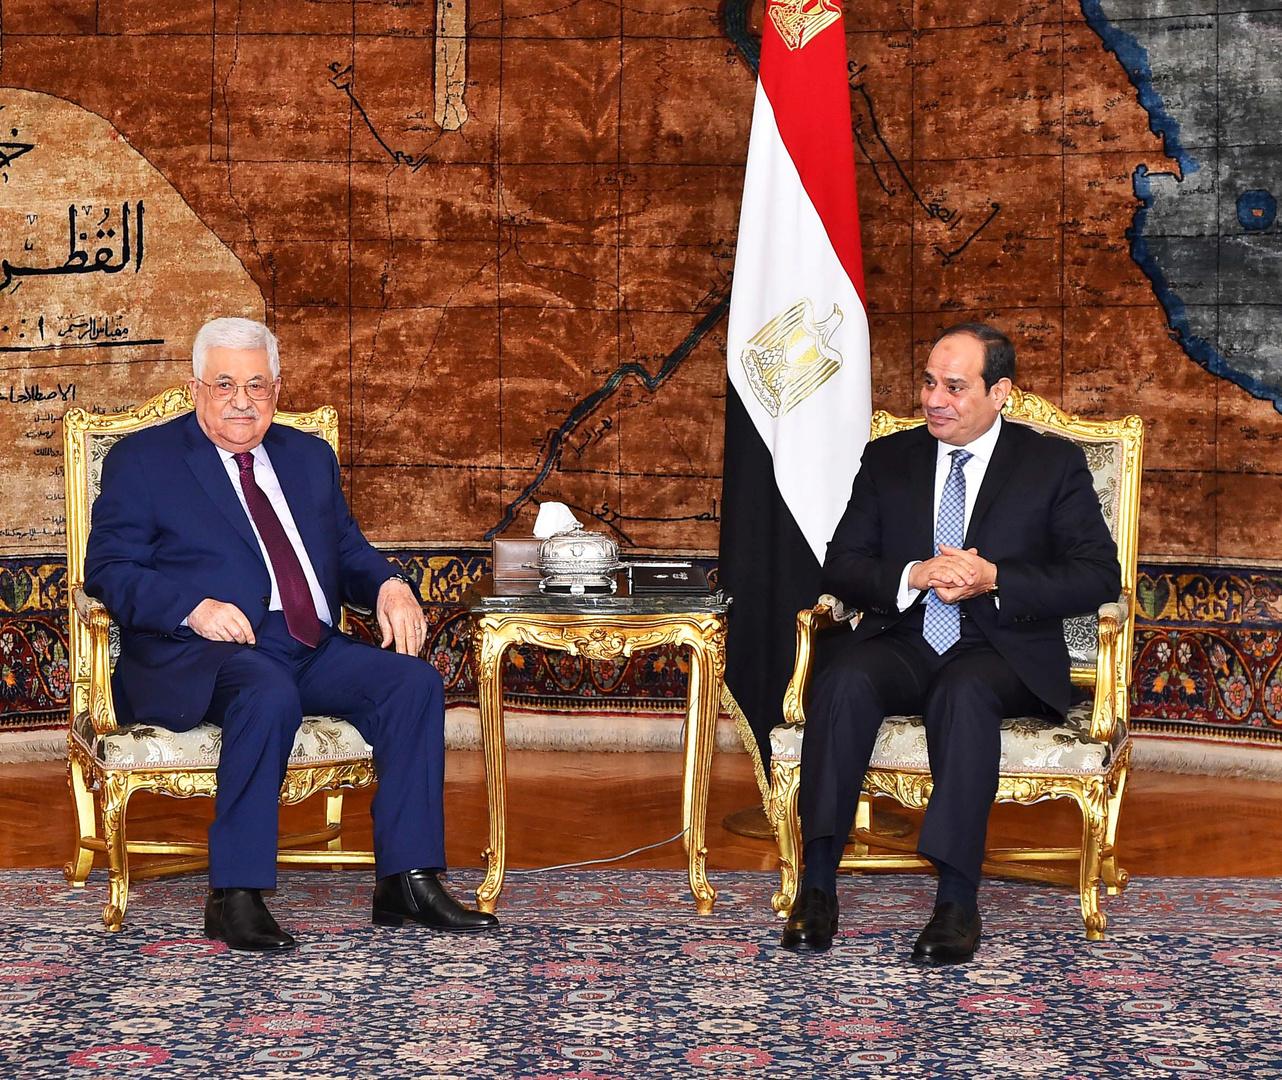 الرئيسان المصري عبد الفتاح السيسي والفلسطيني محمود عباس